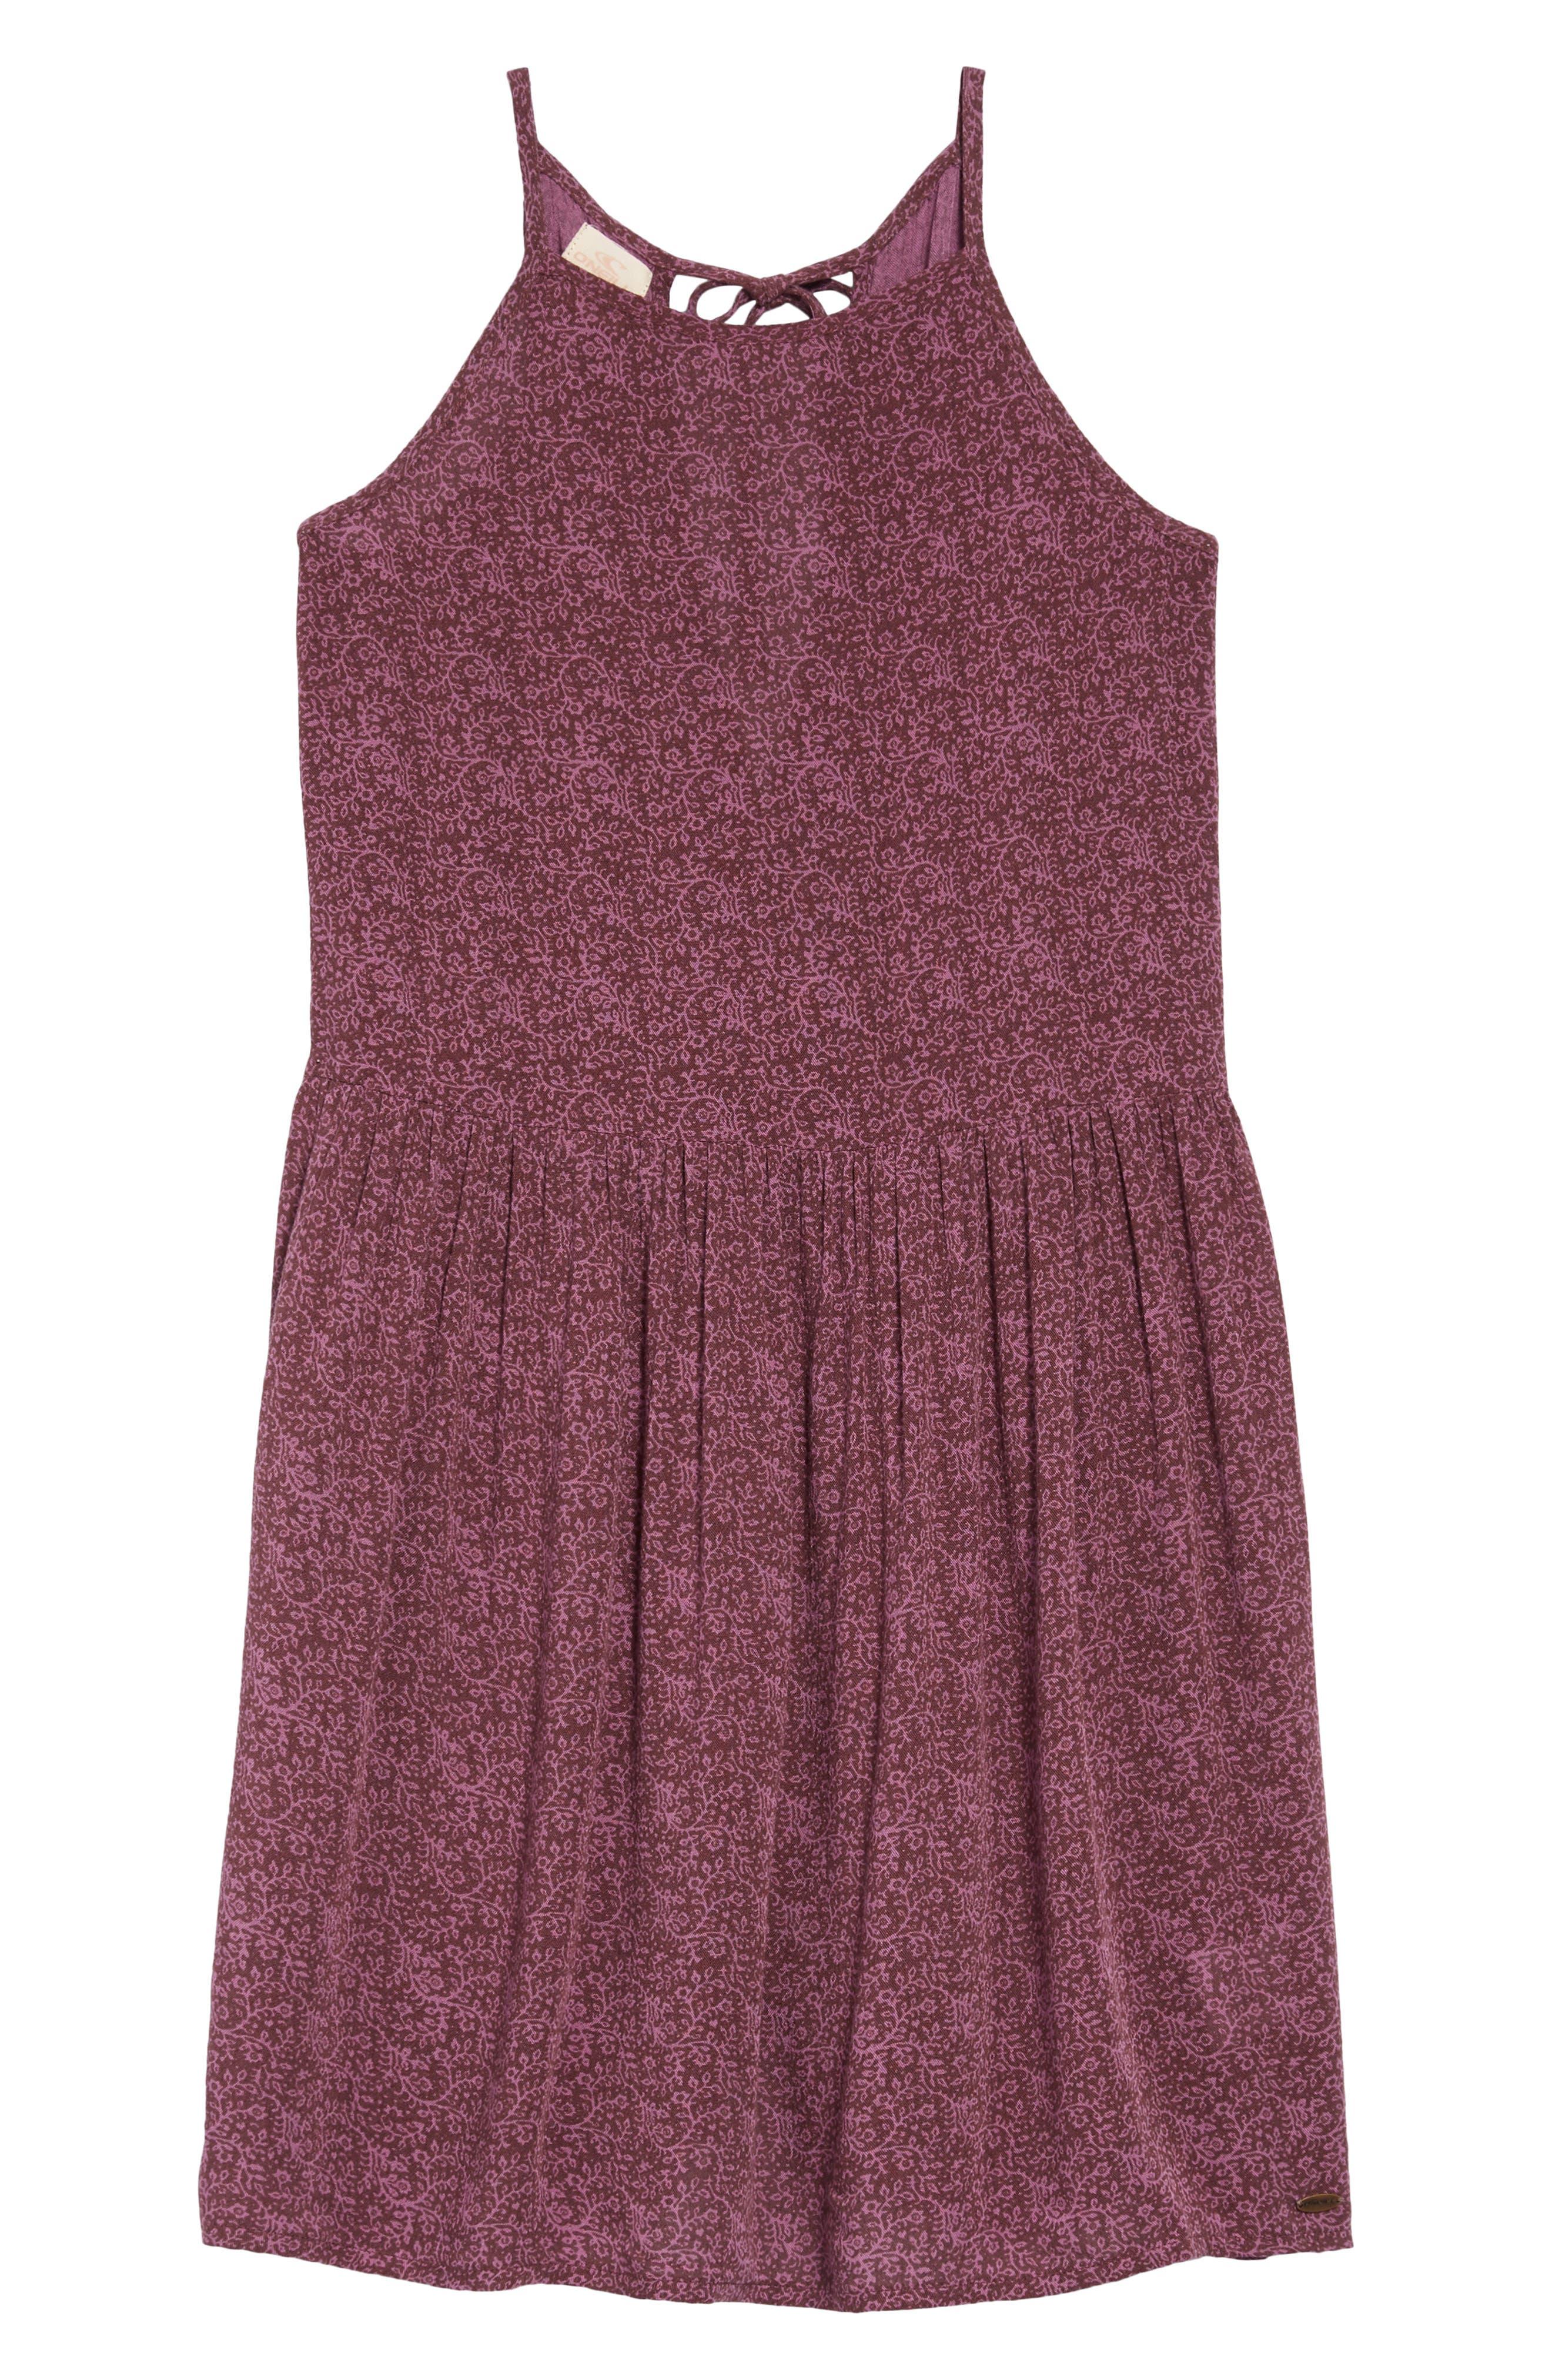 Shadowplay Halter Dress,                             Main thumbnail 1, color,                             200